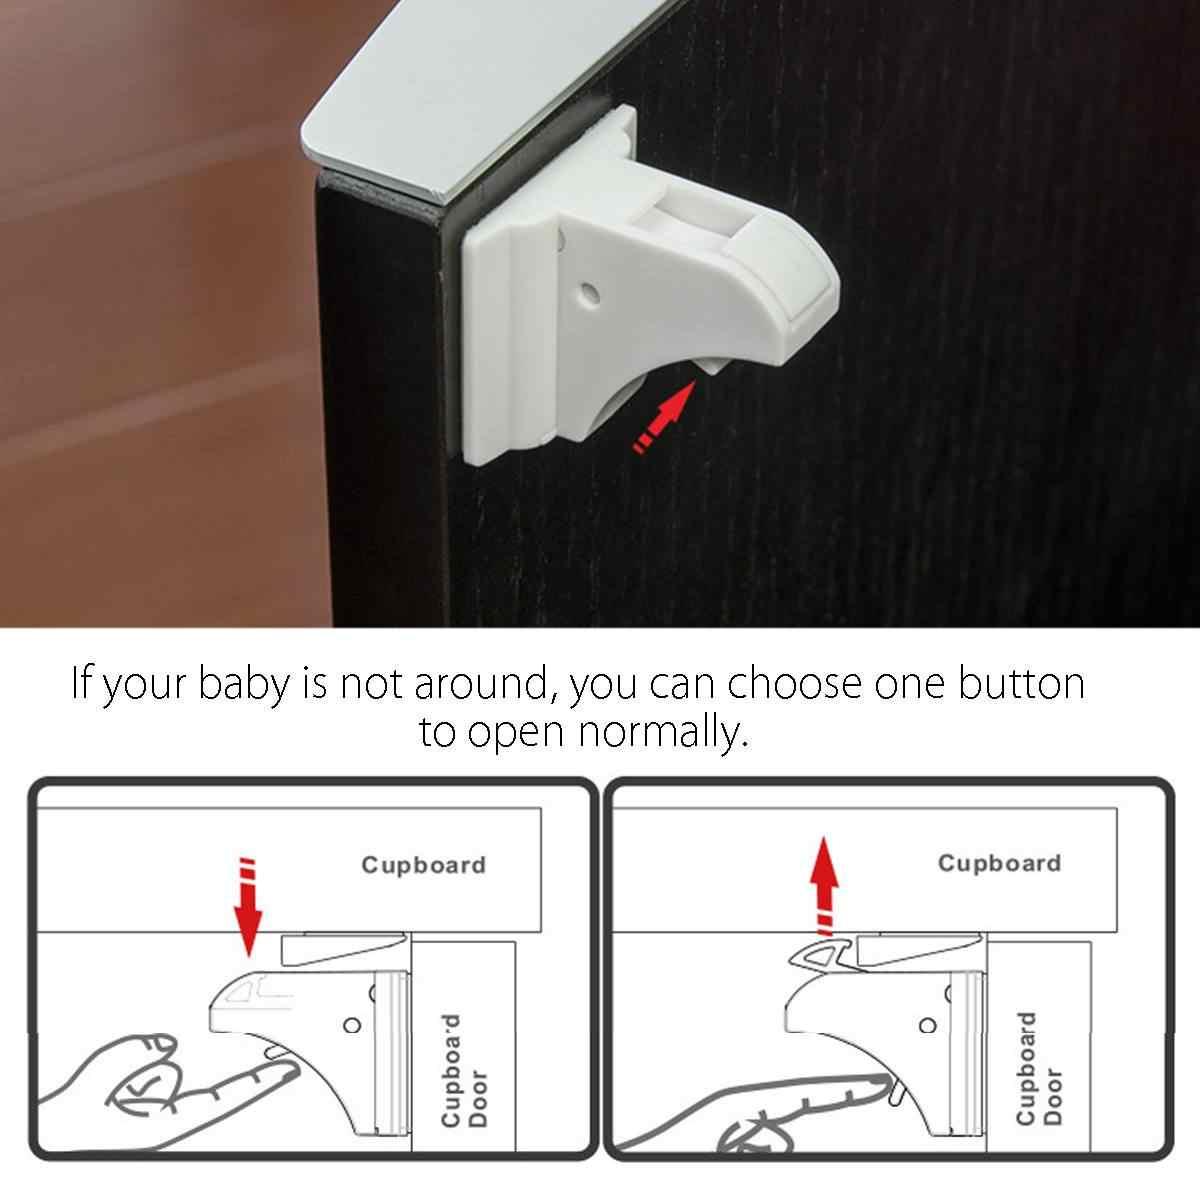 12 ล็อค + 3 คีย์แม่เหล็กเด็กล็อค 15 in 1 เด็กป้องกันเด็กประตูตู้ล็อคเด็กลิ้นชัก locker ที่มองไม่เห็นล็อค